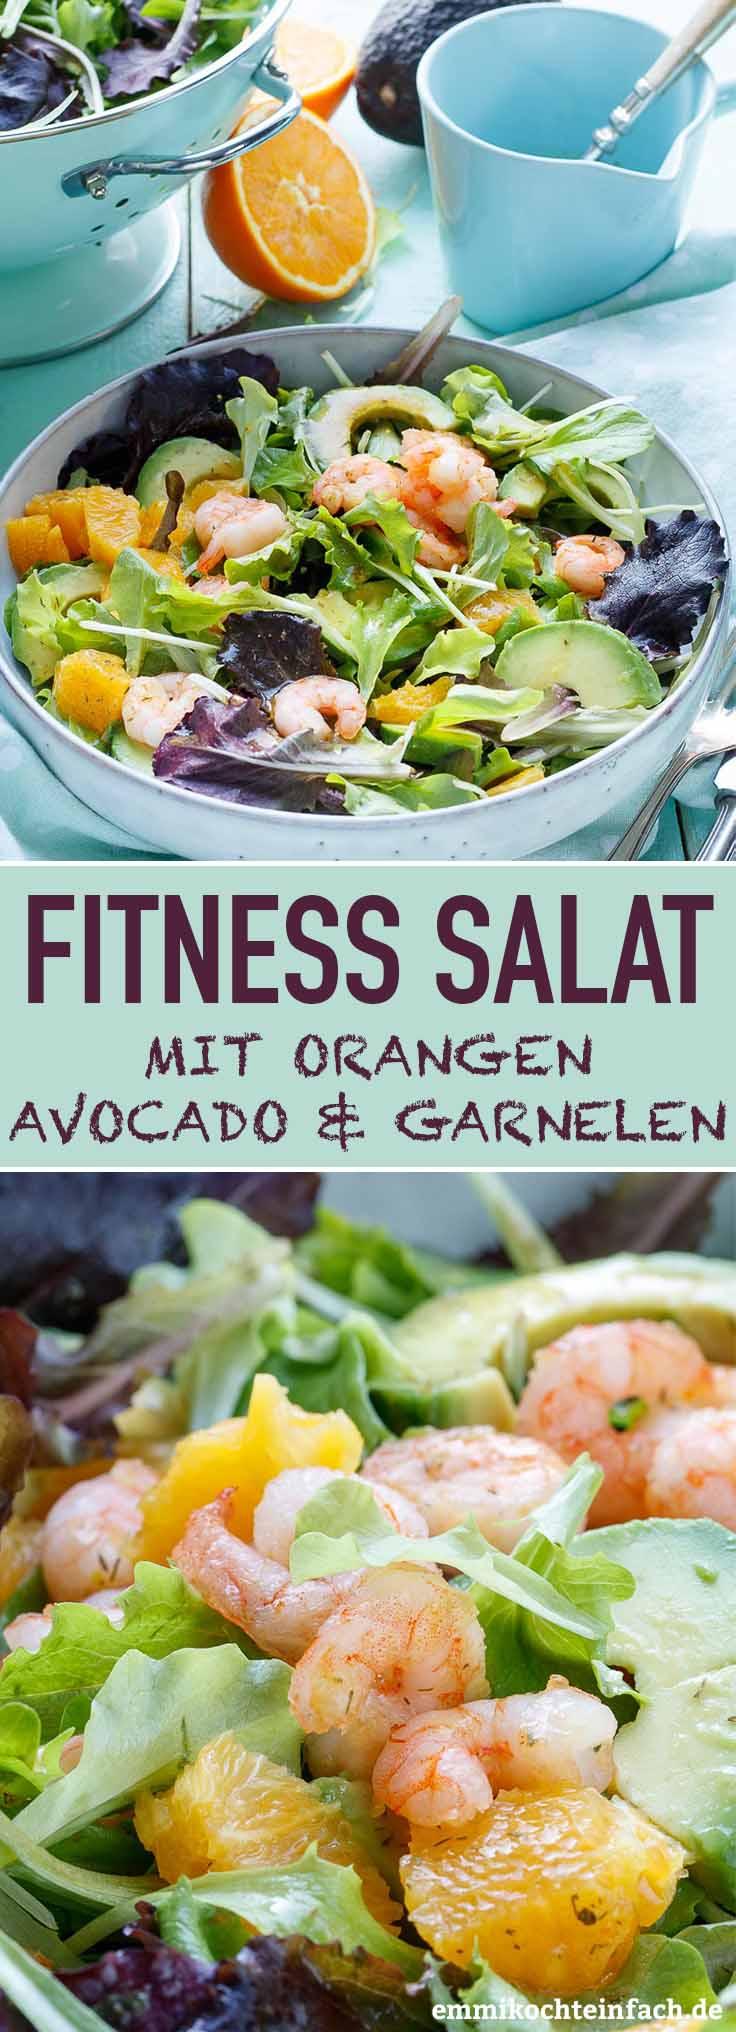 Fitness Salat mit Orangen, Avocado und Garnelen - www.emmikochteinfach.de